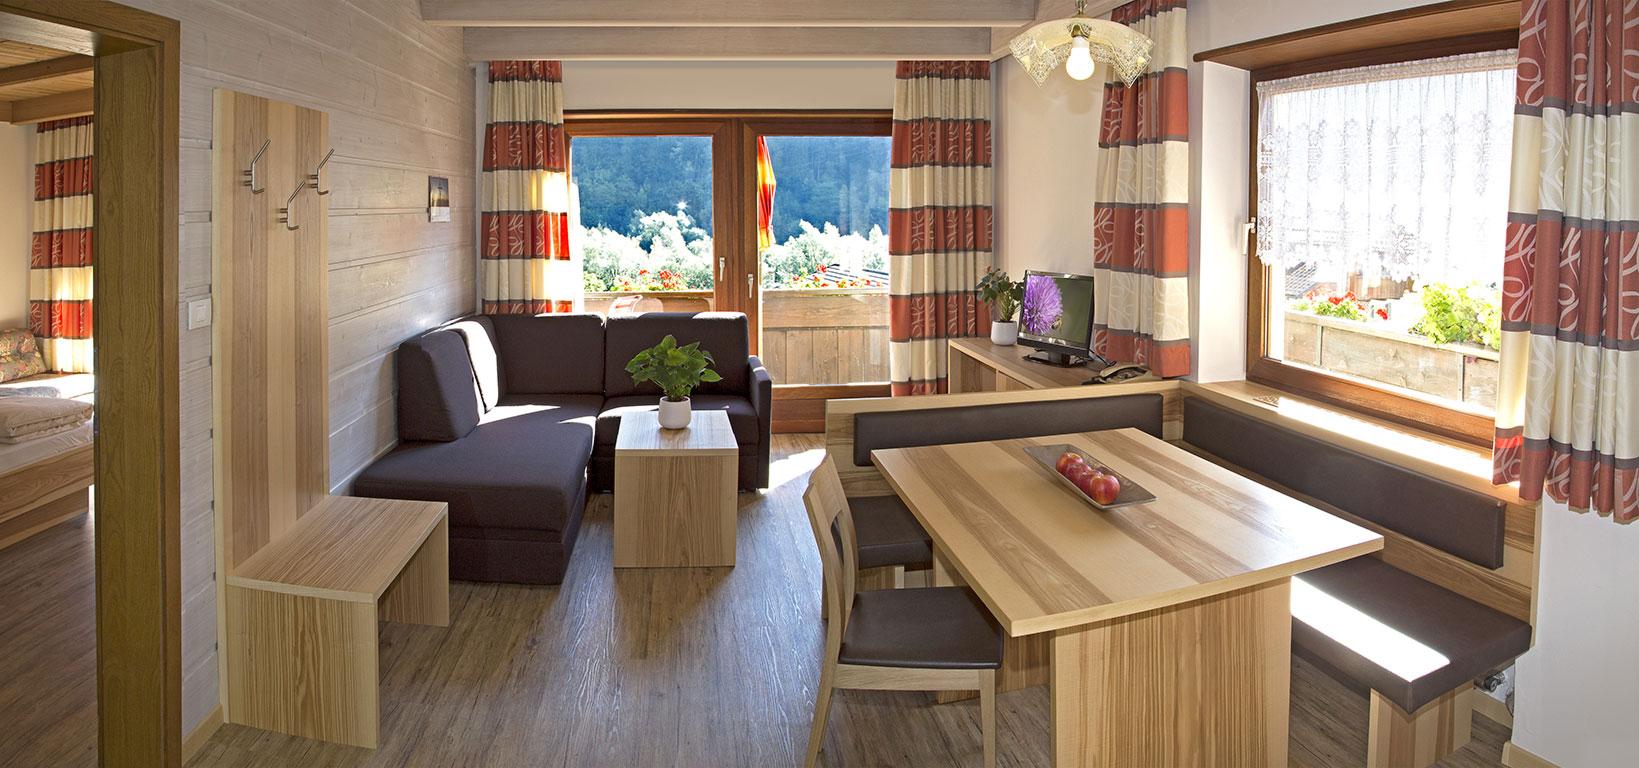 Wohnraum Zimmer